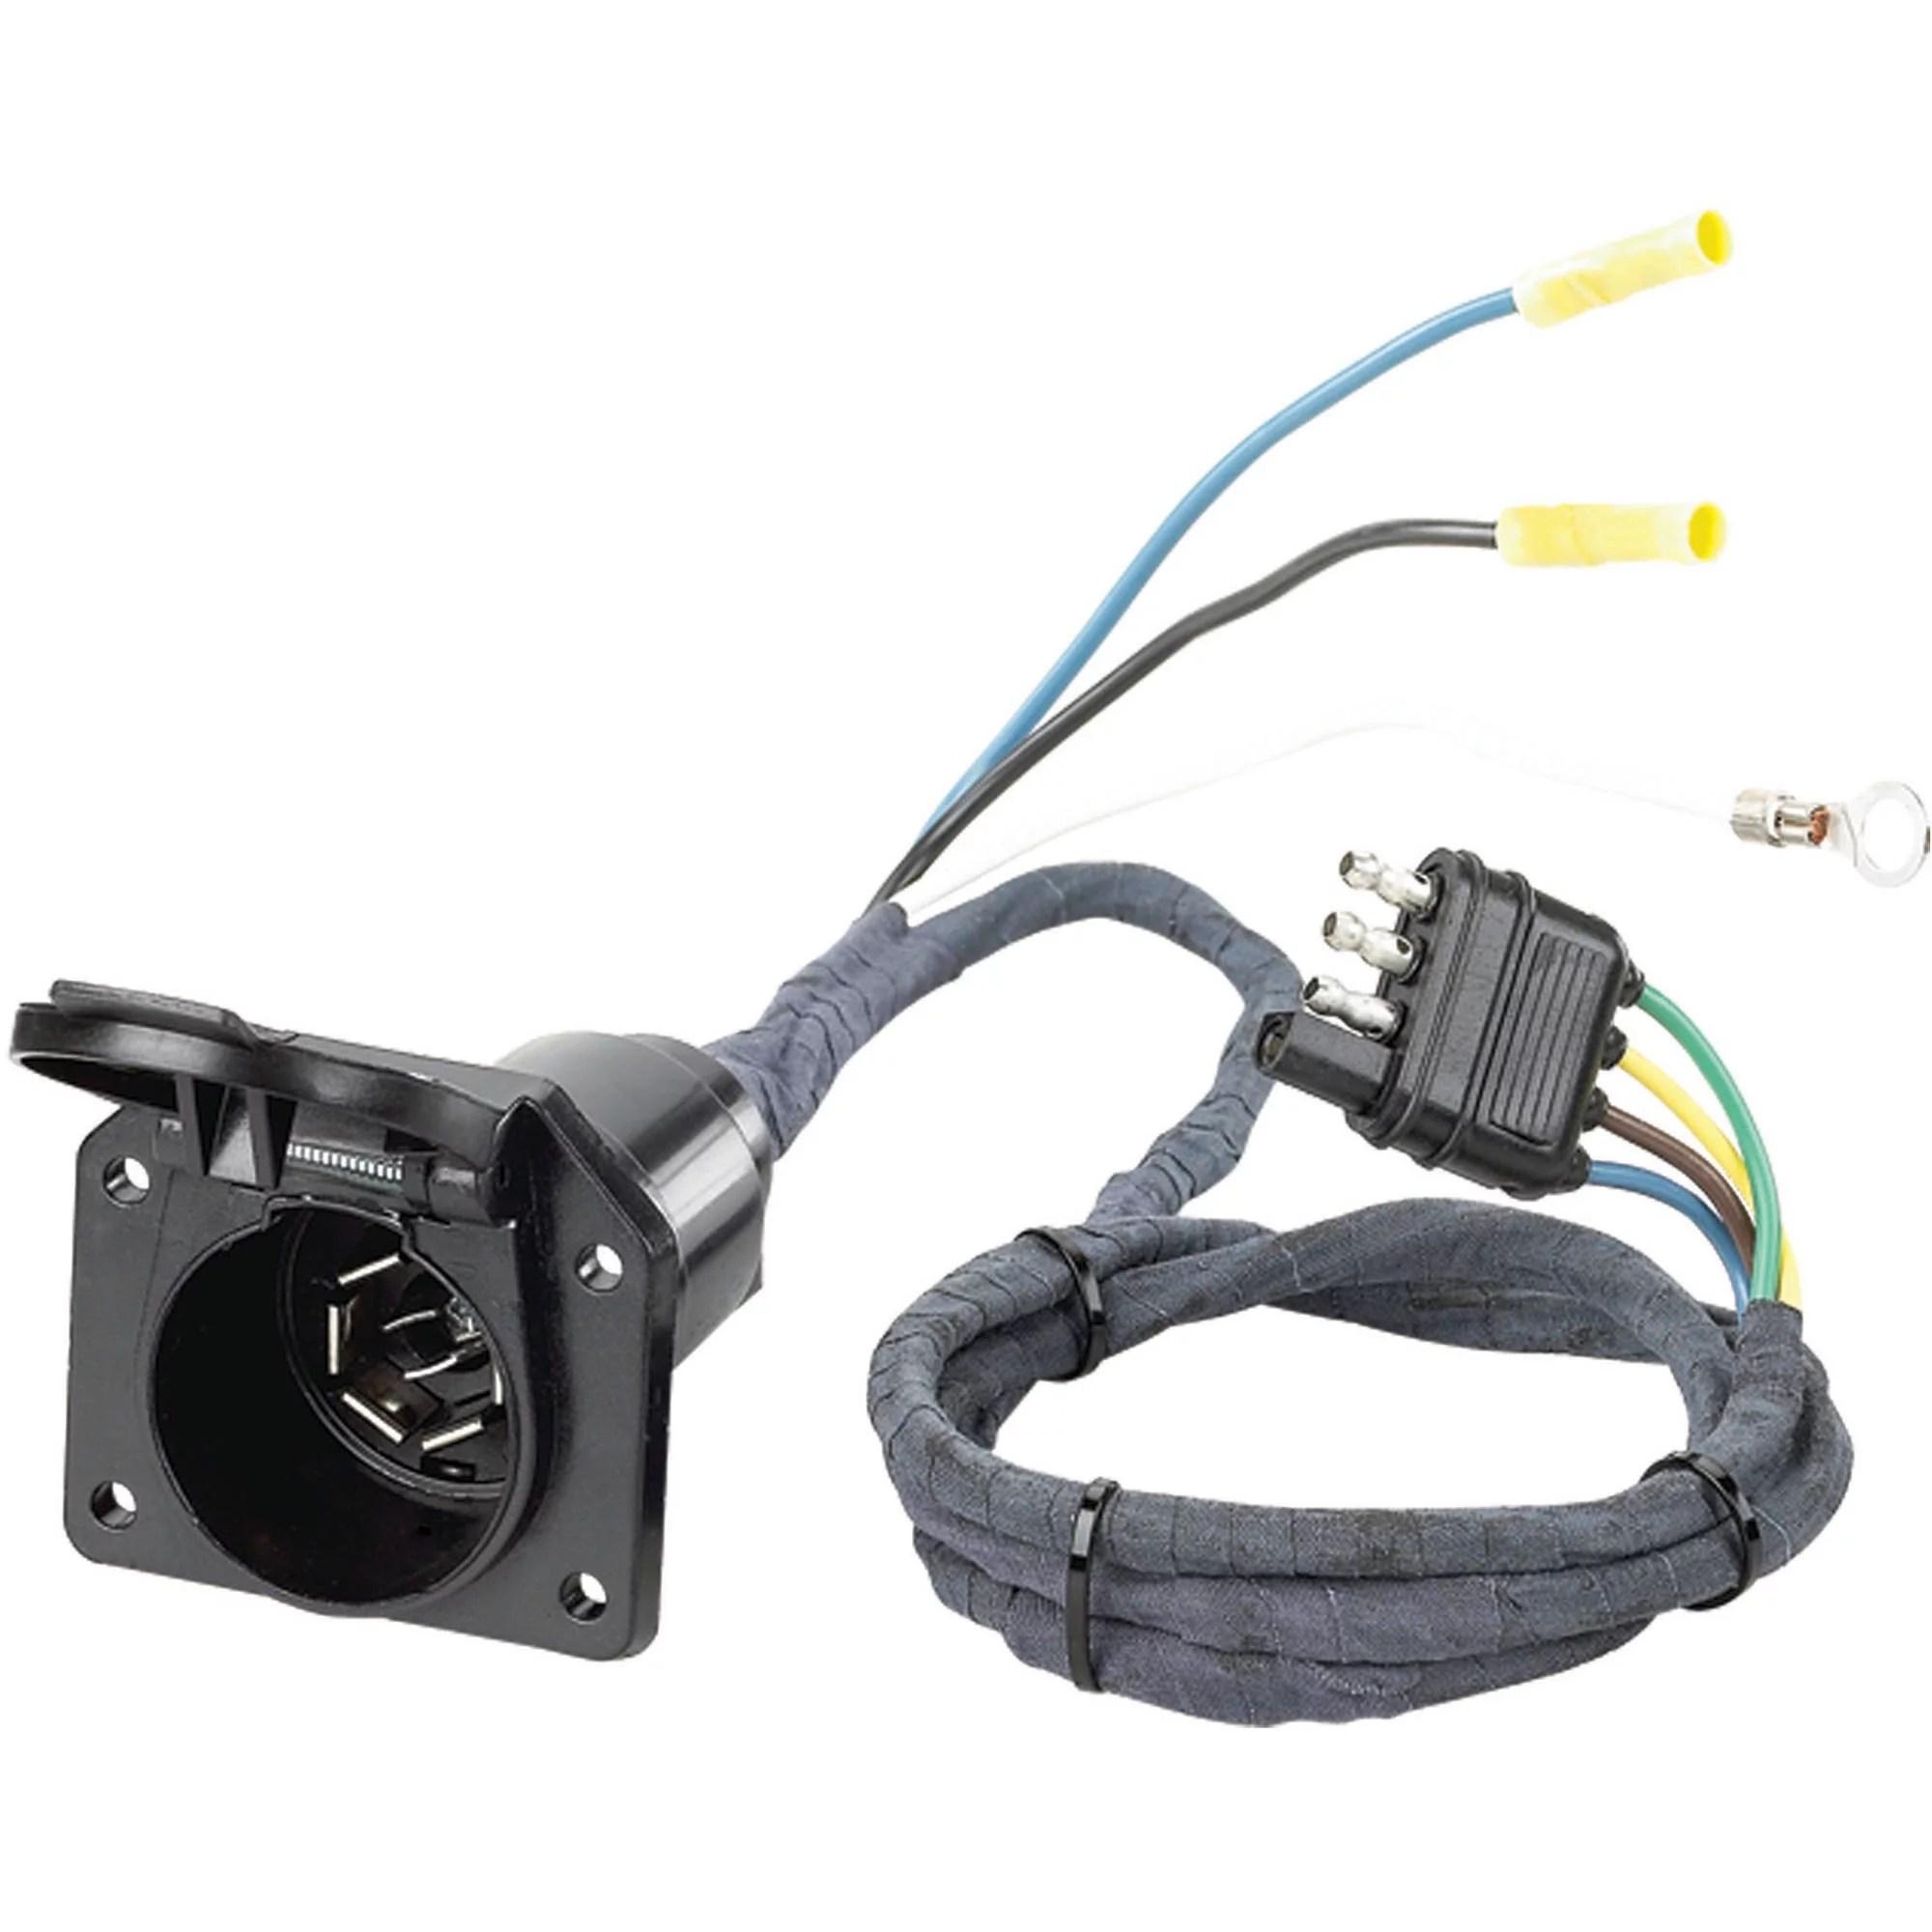 17 New Ridgid 535 Switch Wiring Diagram